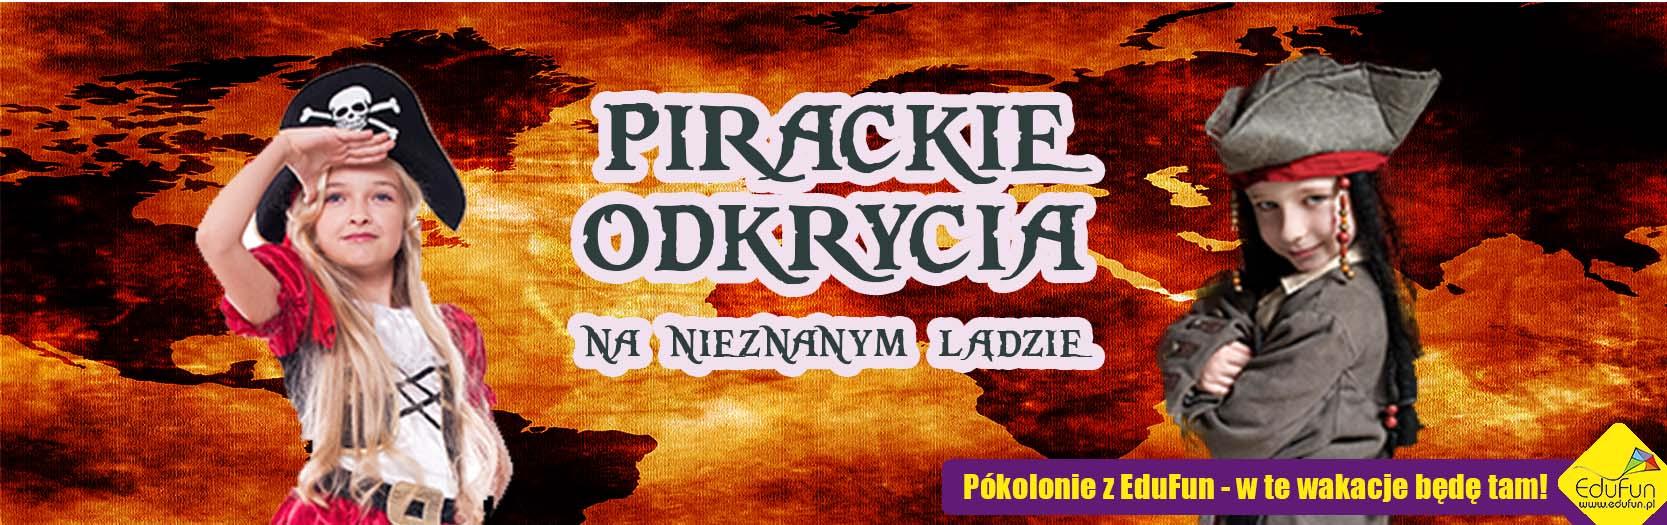 polkolonie_pirackie_odkrycia_EduFun